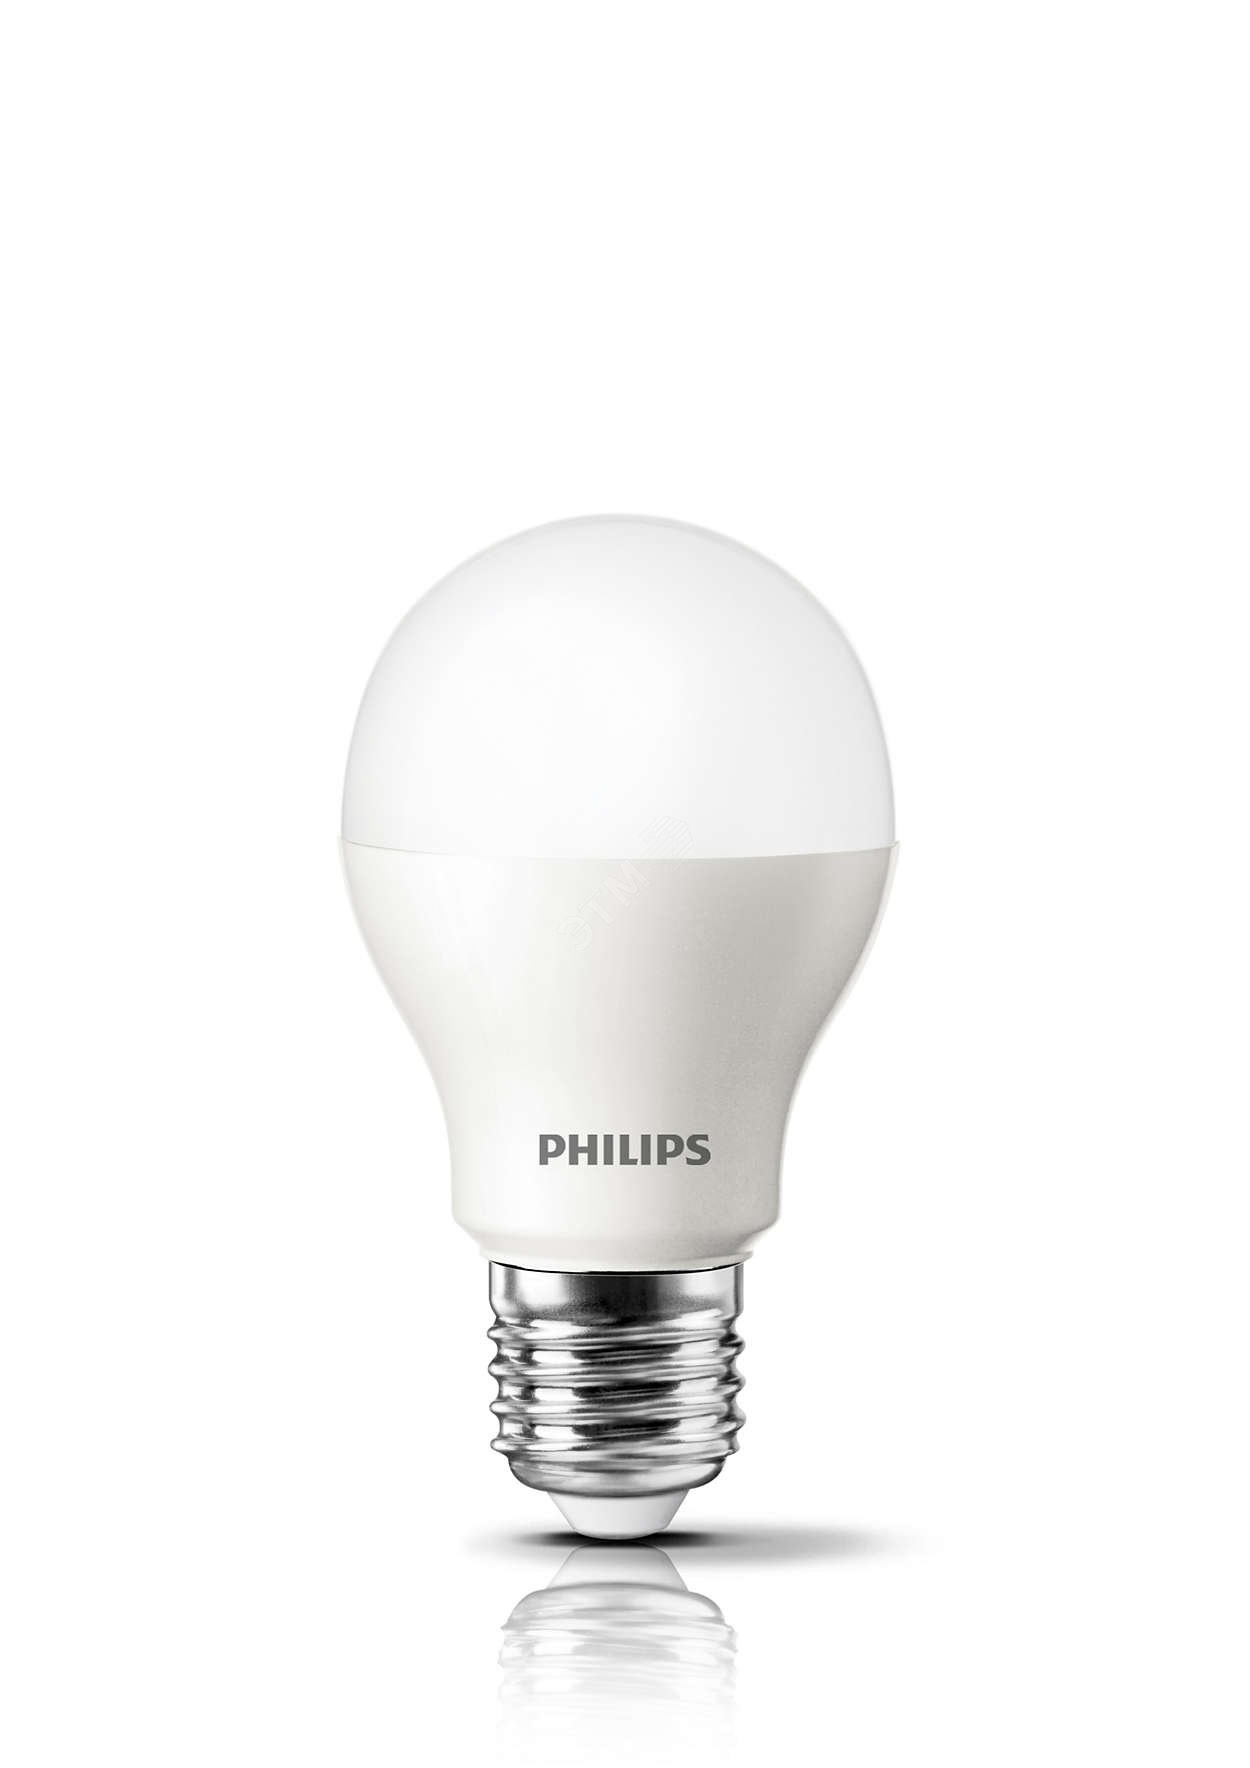 Лампочка Philips 871869682196100, Теплый свет 5 Вт лампочка philips теплый свет 14 5 вт светодиодная